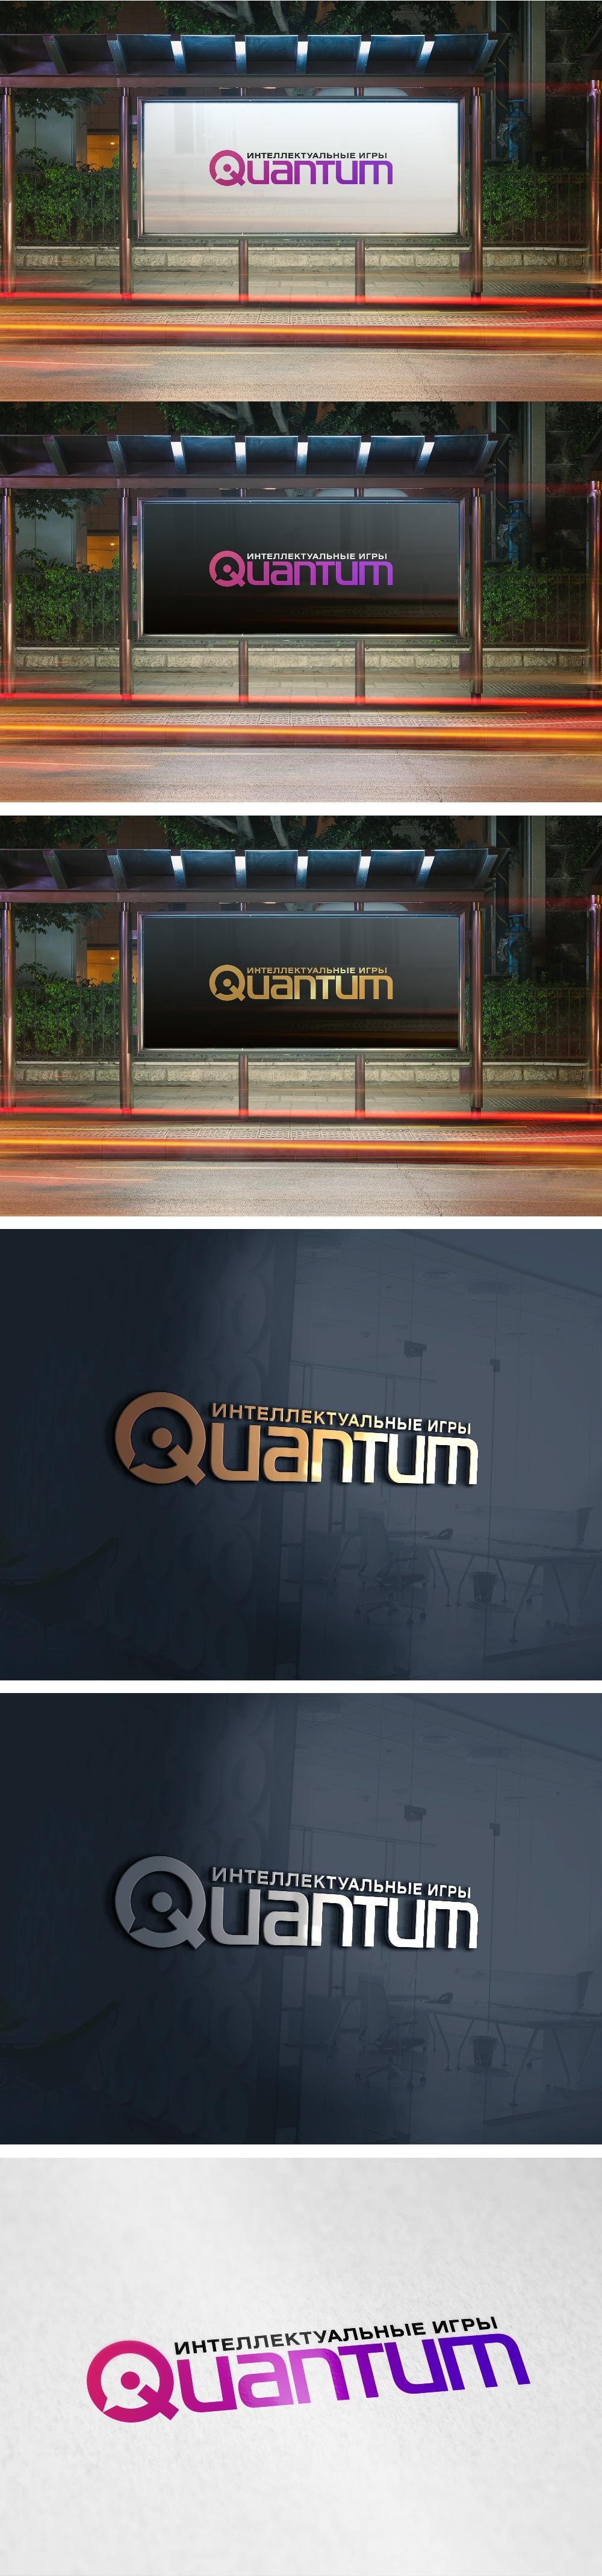 Редизайн логотипа бренда интеллектуальной игры фото f_8875bc058c0e9ae5.jpg